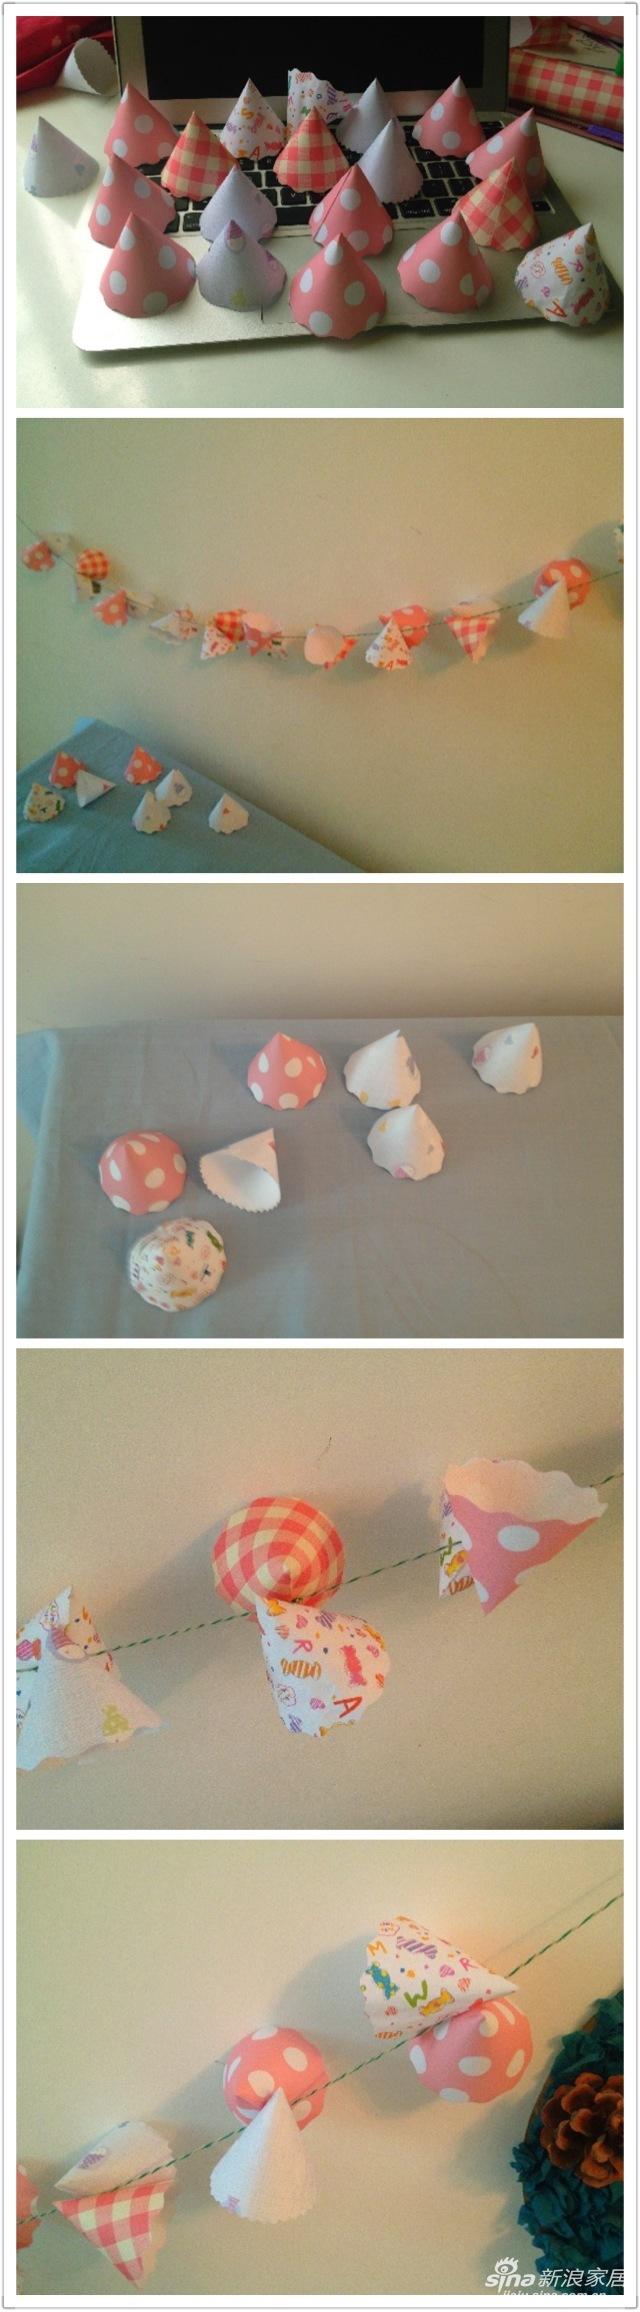 """一天,五岁的女儿指着她的生日帽说:""""妈妈给我做很多小小的生日帽,我想挂起来""""于是有了生日帽挂饰的想法。就这样俩俩对着粘在一起,简单易做的一串生日帽挂饰制作完成,很有""""北欧""""范儿呢。"""